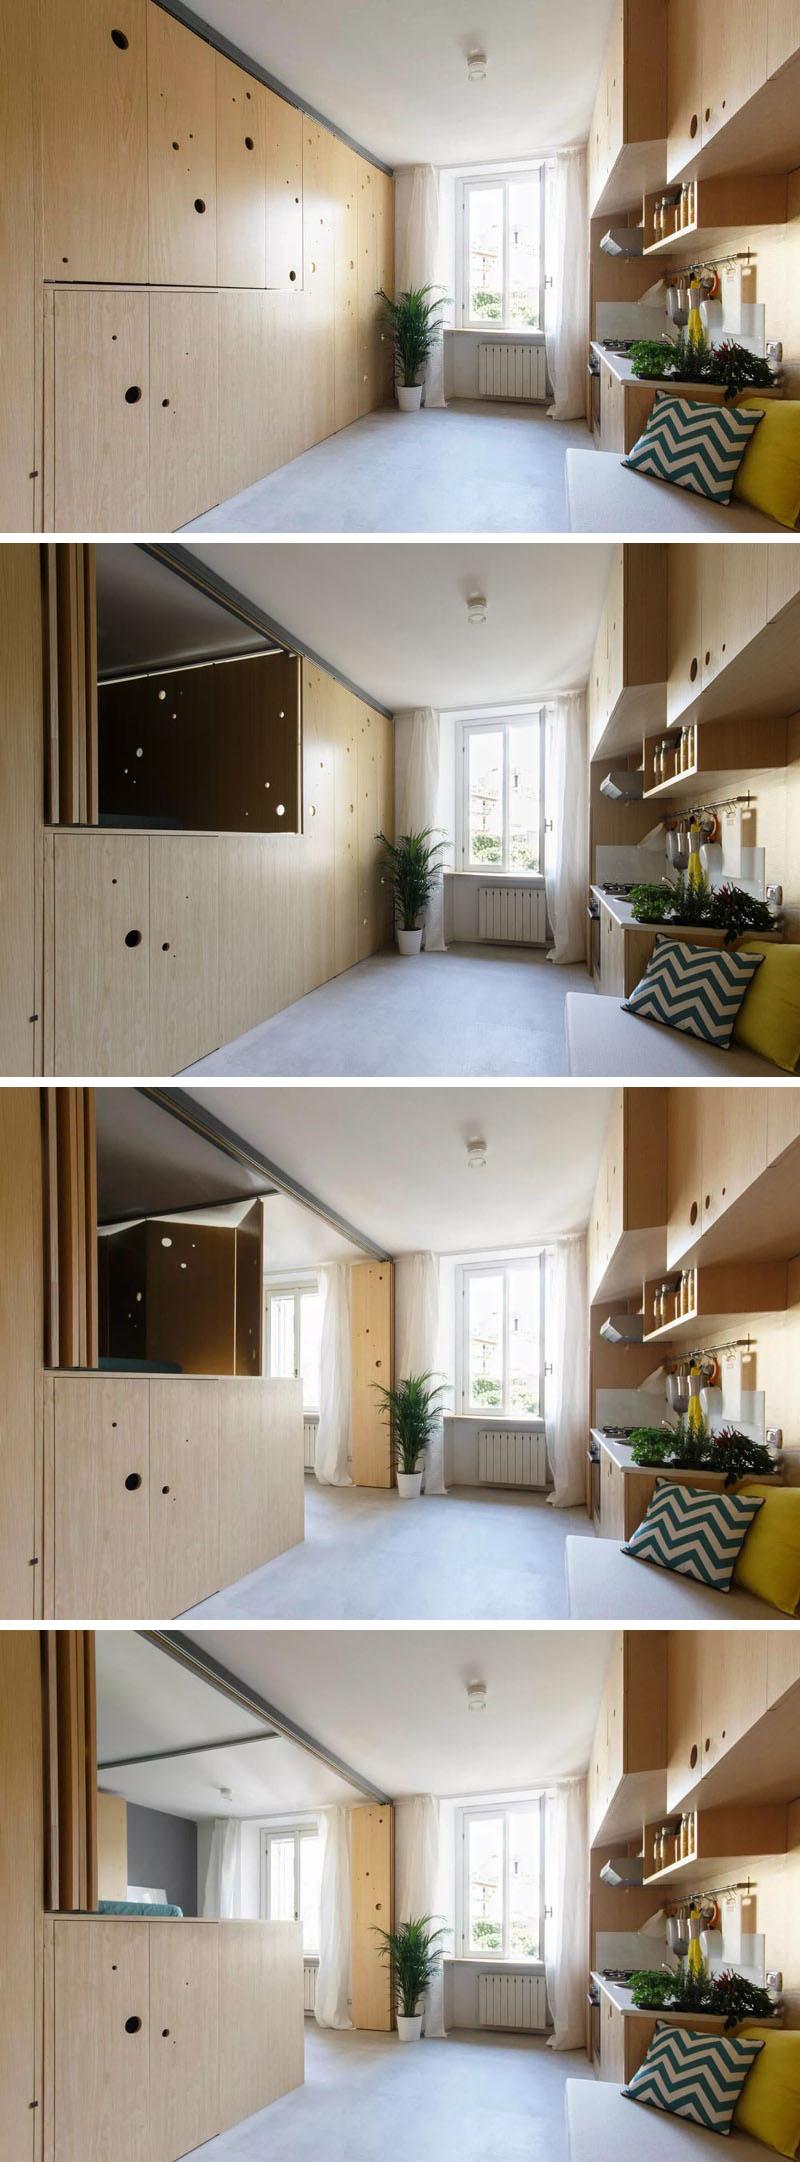 Интерьер маленькой квартиры в светлых тонах